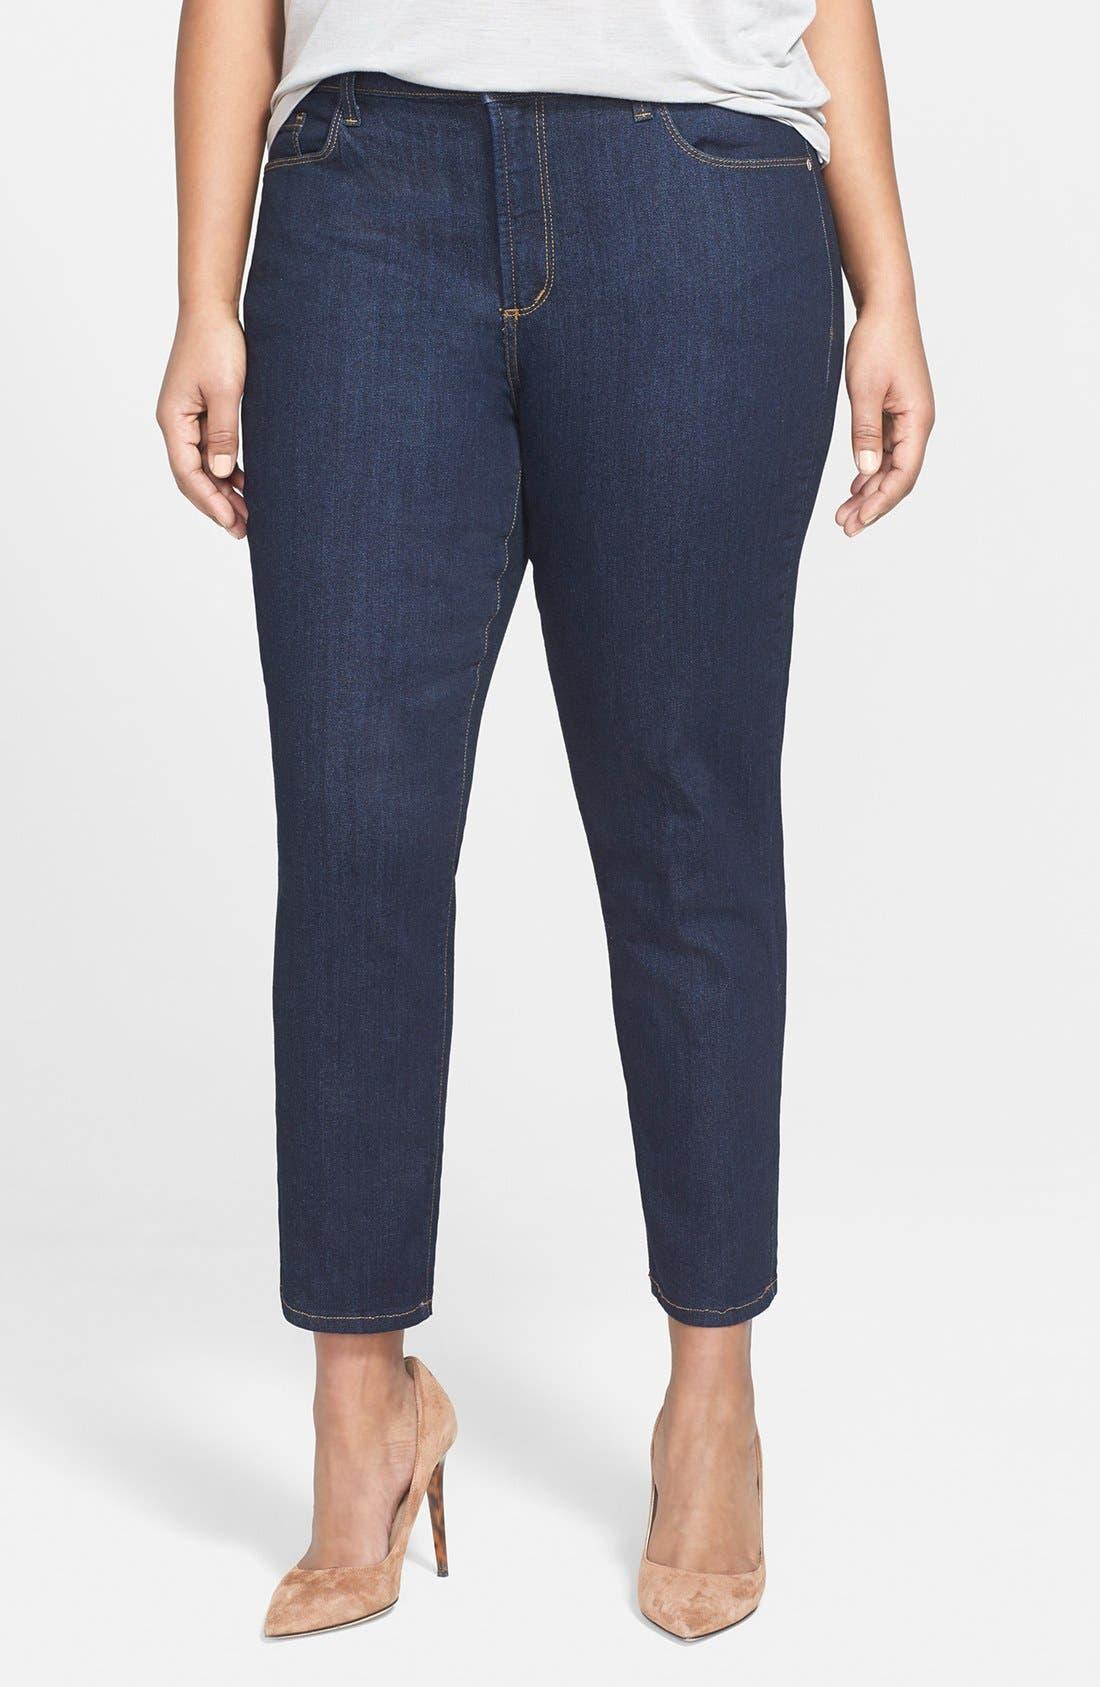 NYDJ 'Clarissa' Stretch Slim Ankle Jeans